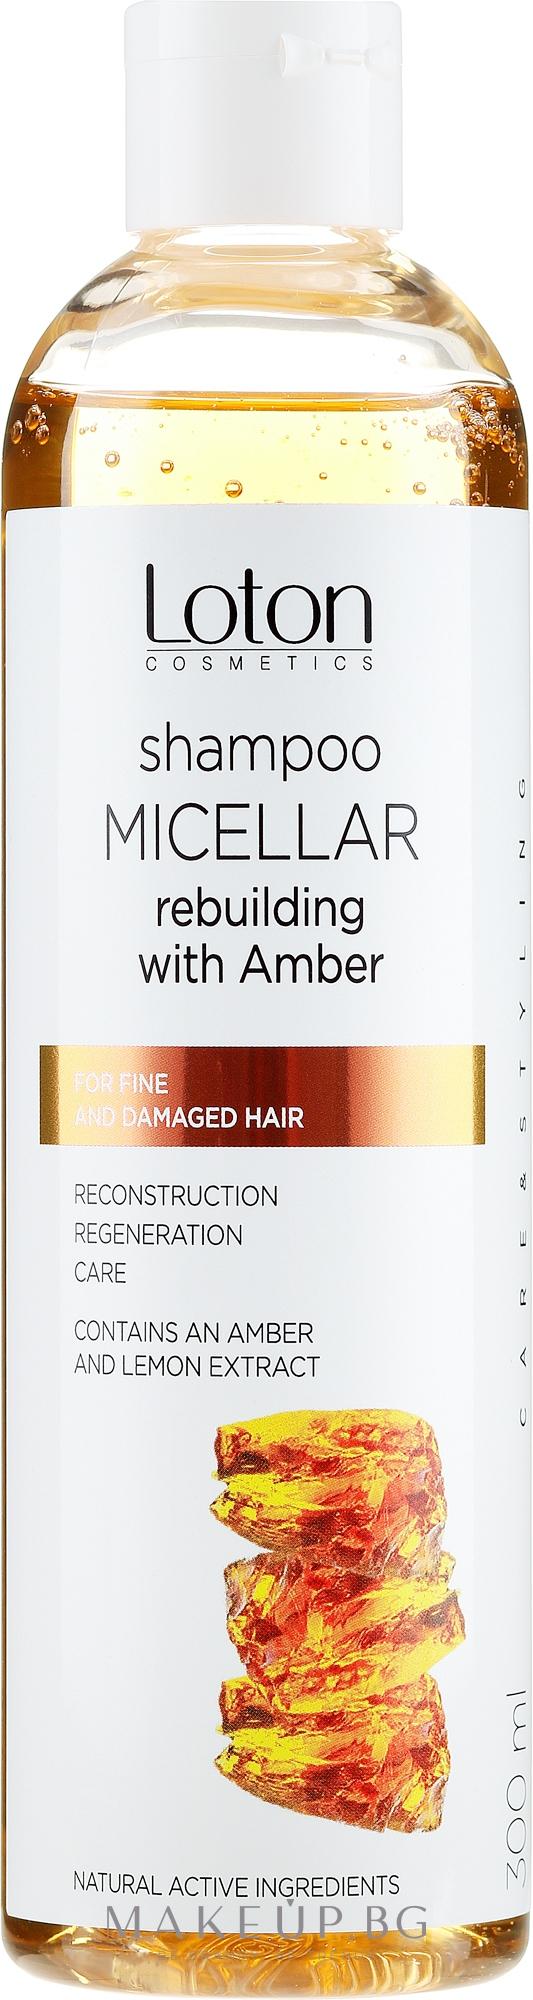 Мицеларен шампоан за коса с екстракт от кехлибар - Rebuilding Micellar Shampoo With Amber — снимка 300 ml